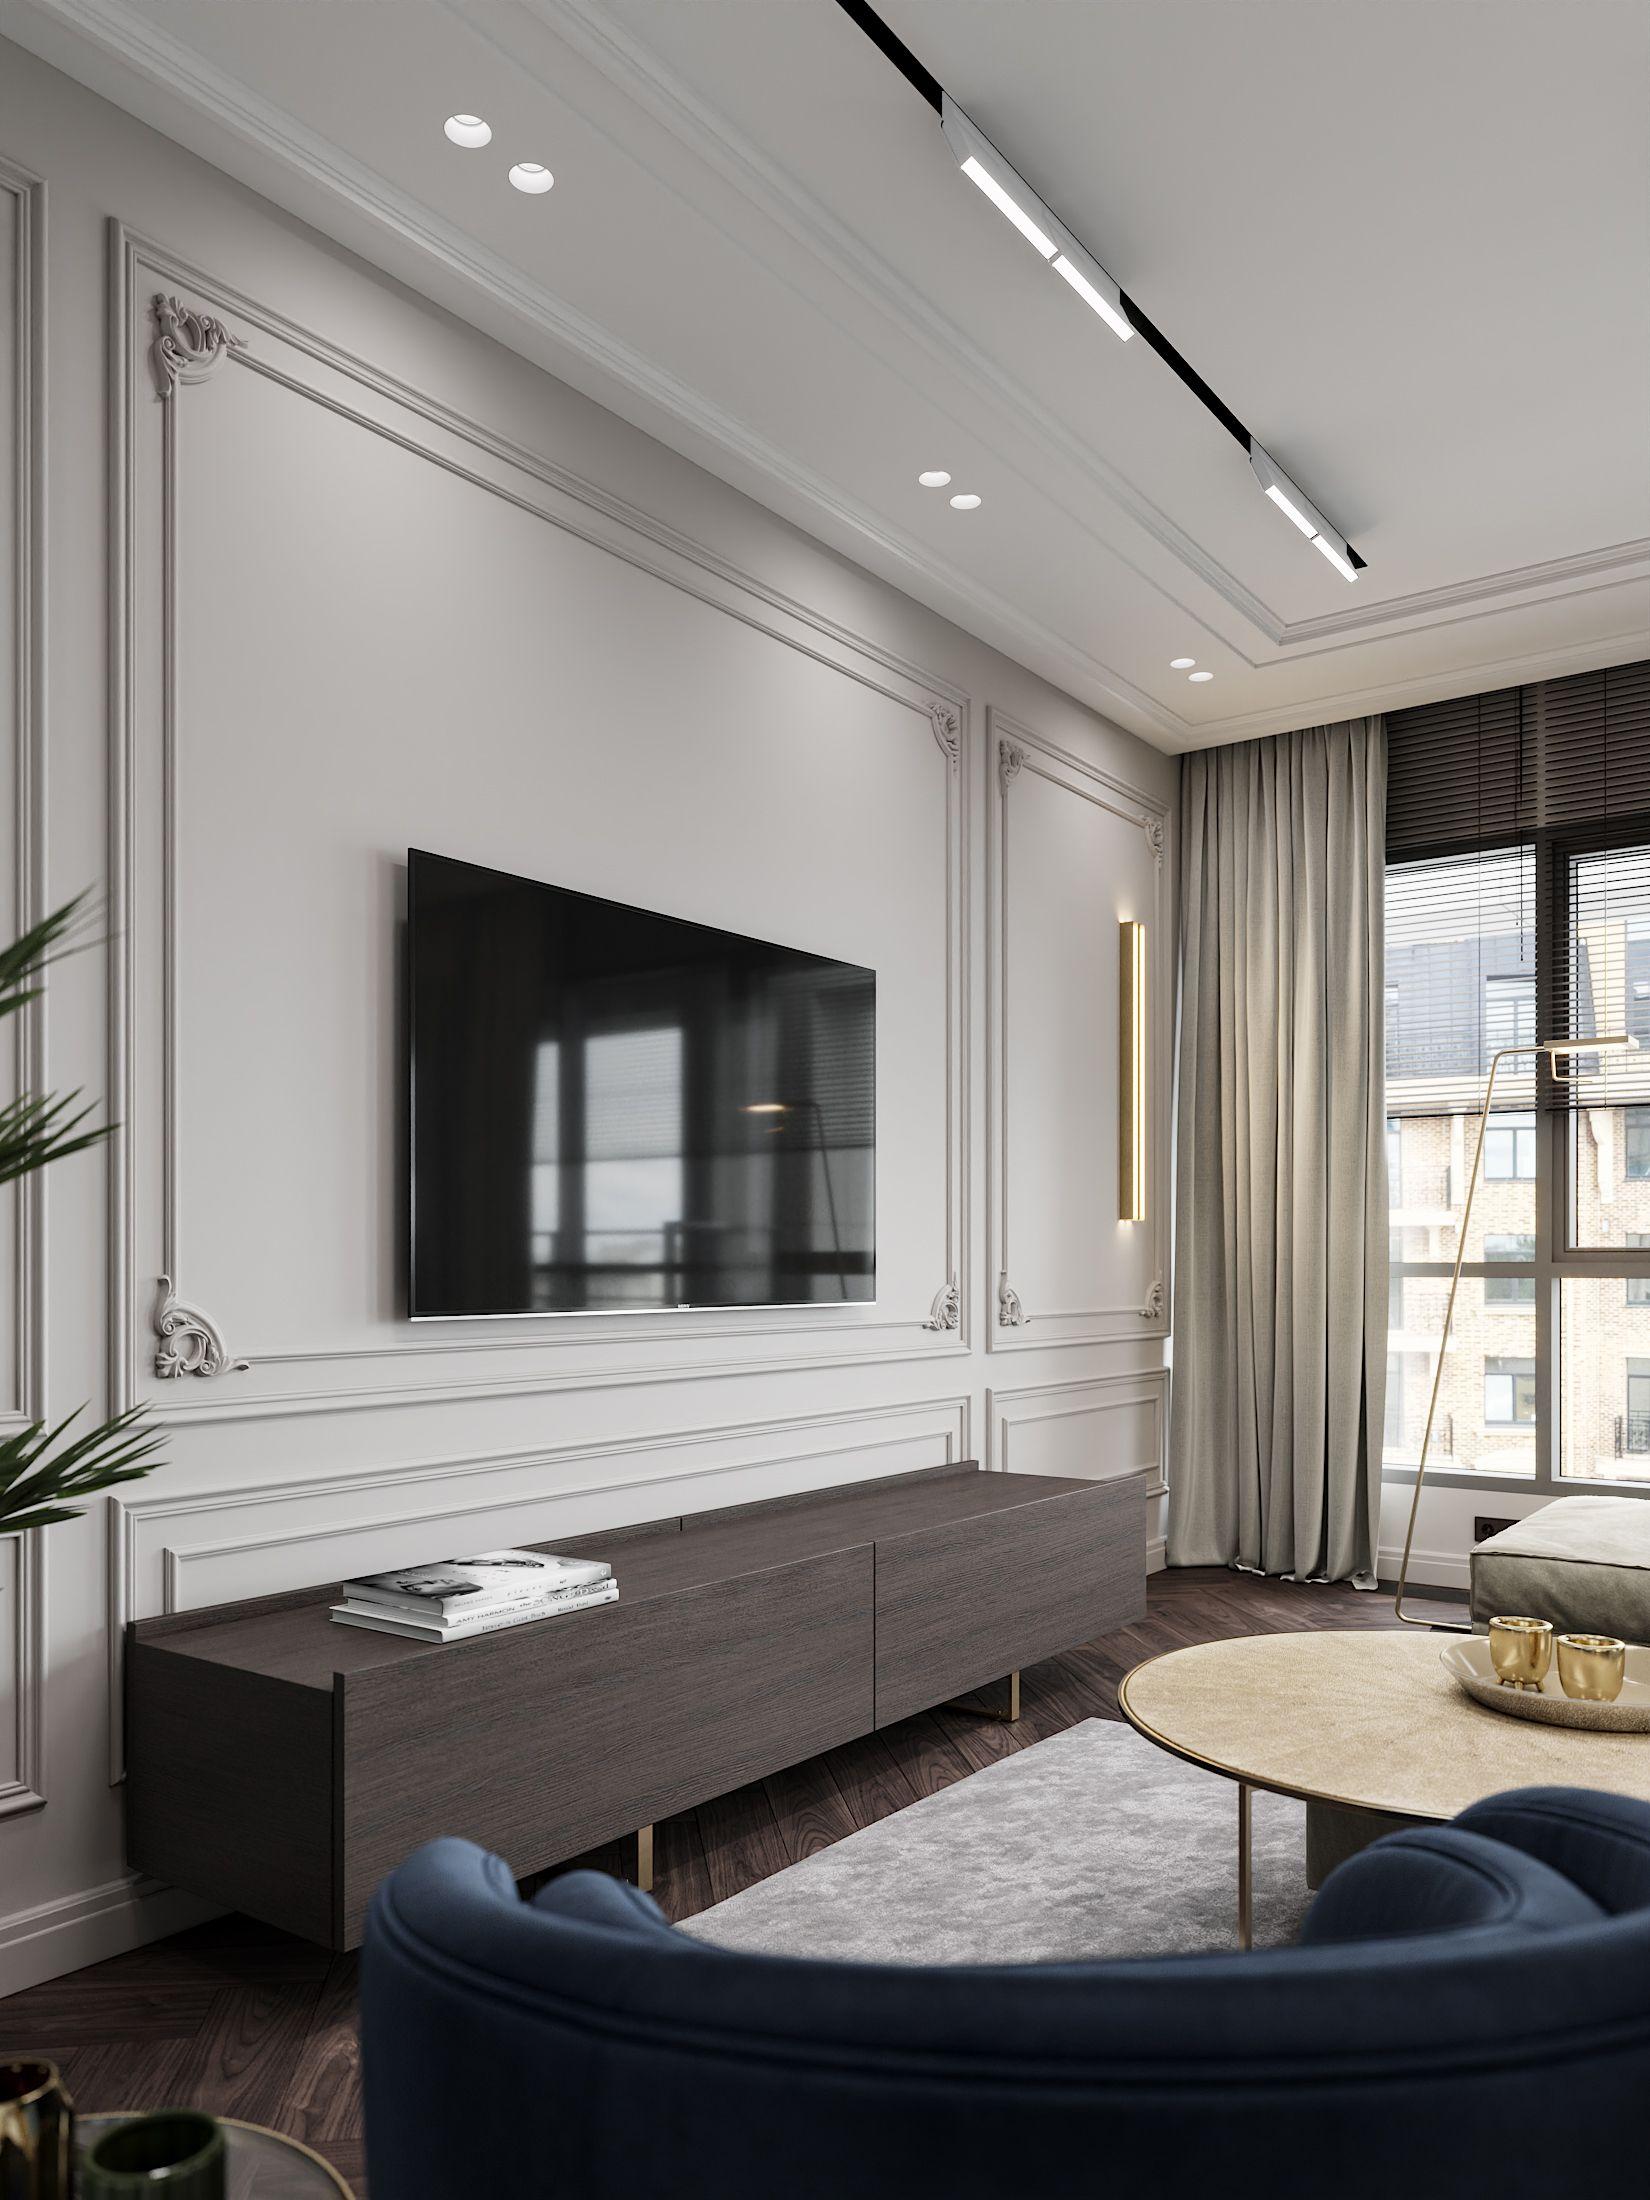 Дизайн трёхкомнатной квартиры в ЖК _Дом на Грота_.jpeg